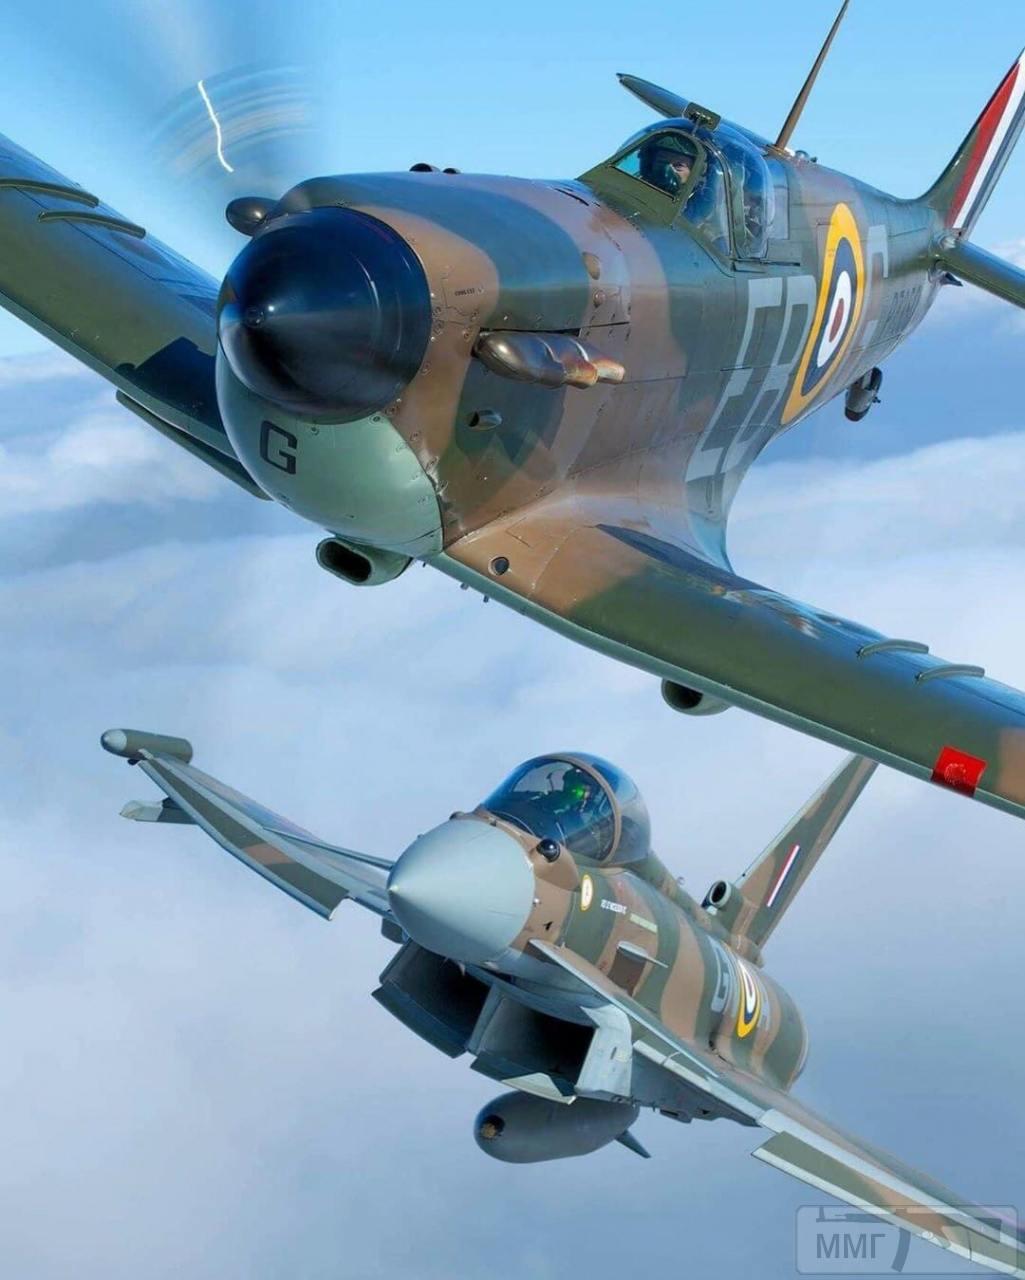 111924 - Красивые фото и видео боевых самолетов и вертолетов